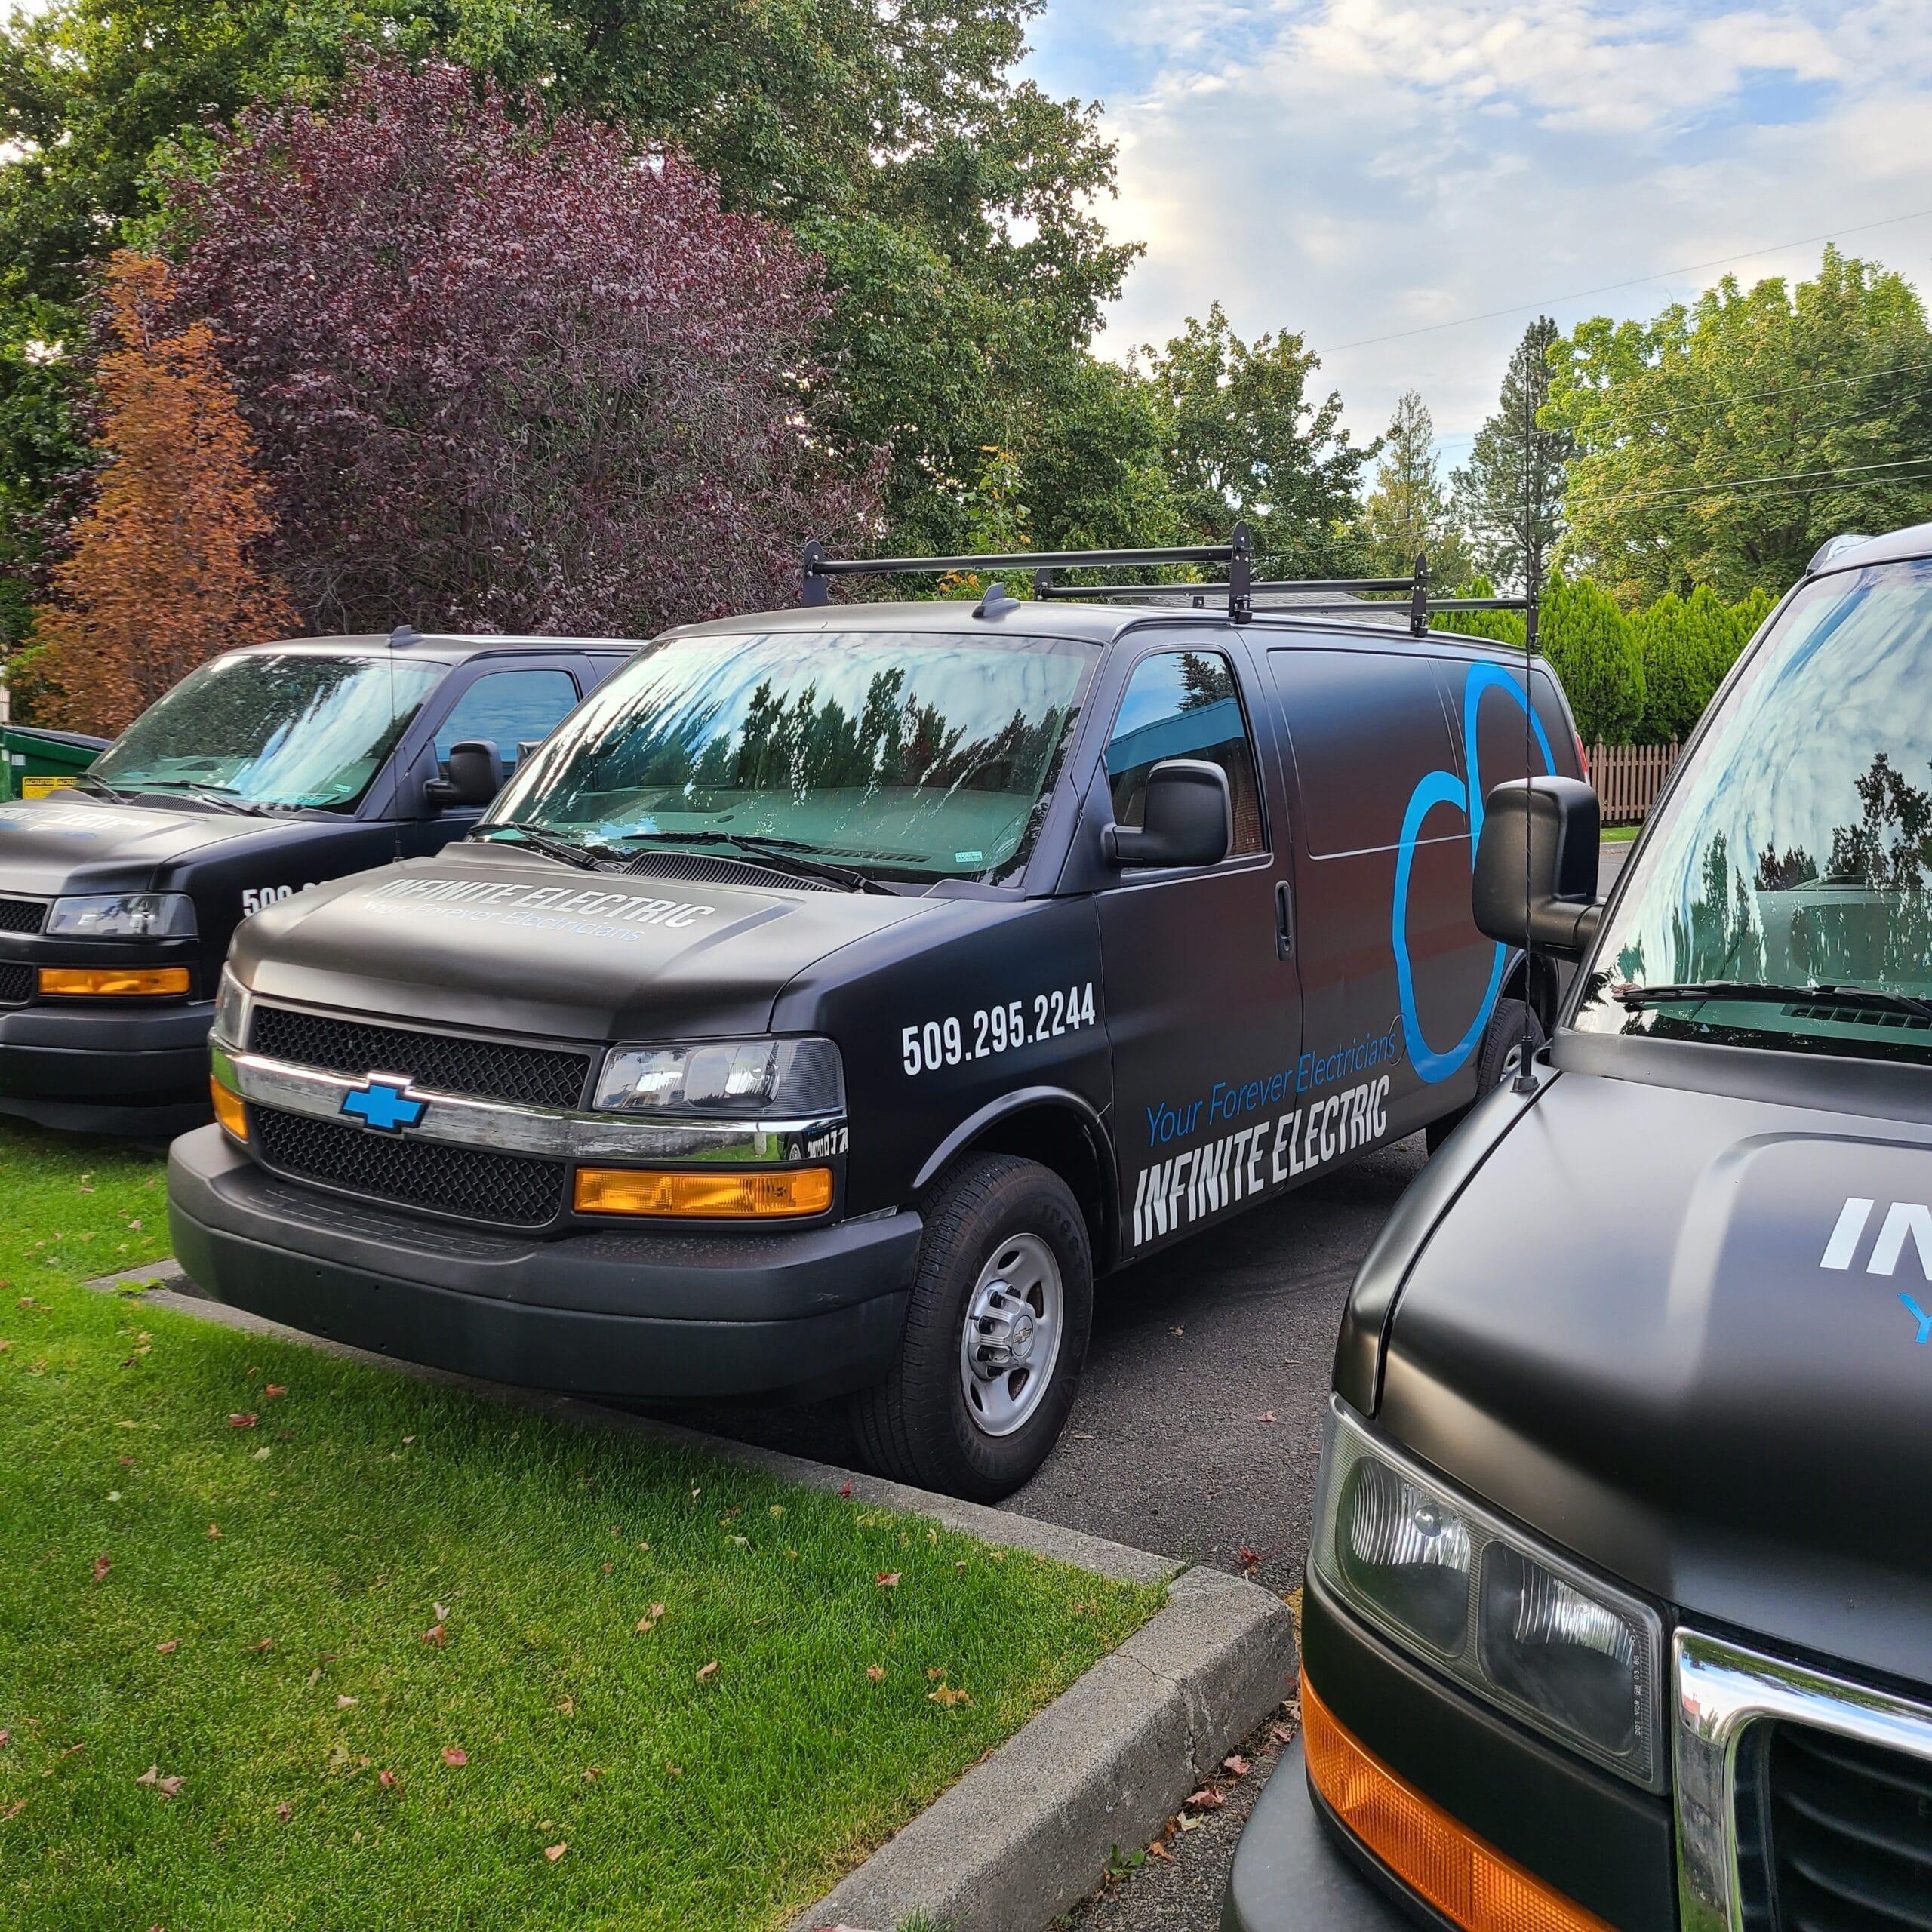 Fleet of Infinite Electric Vans